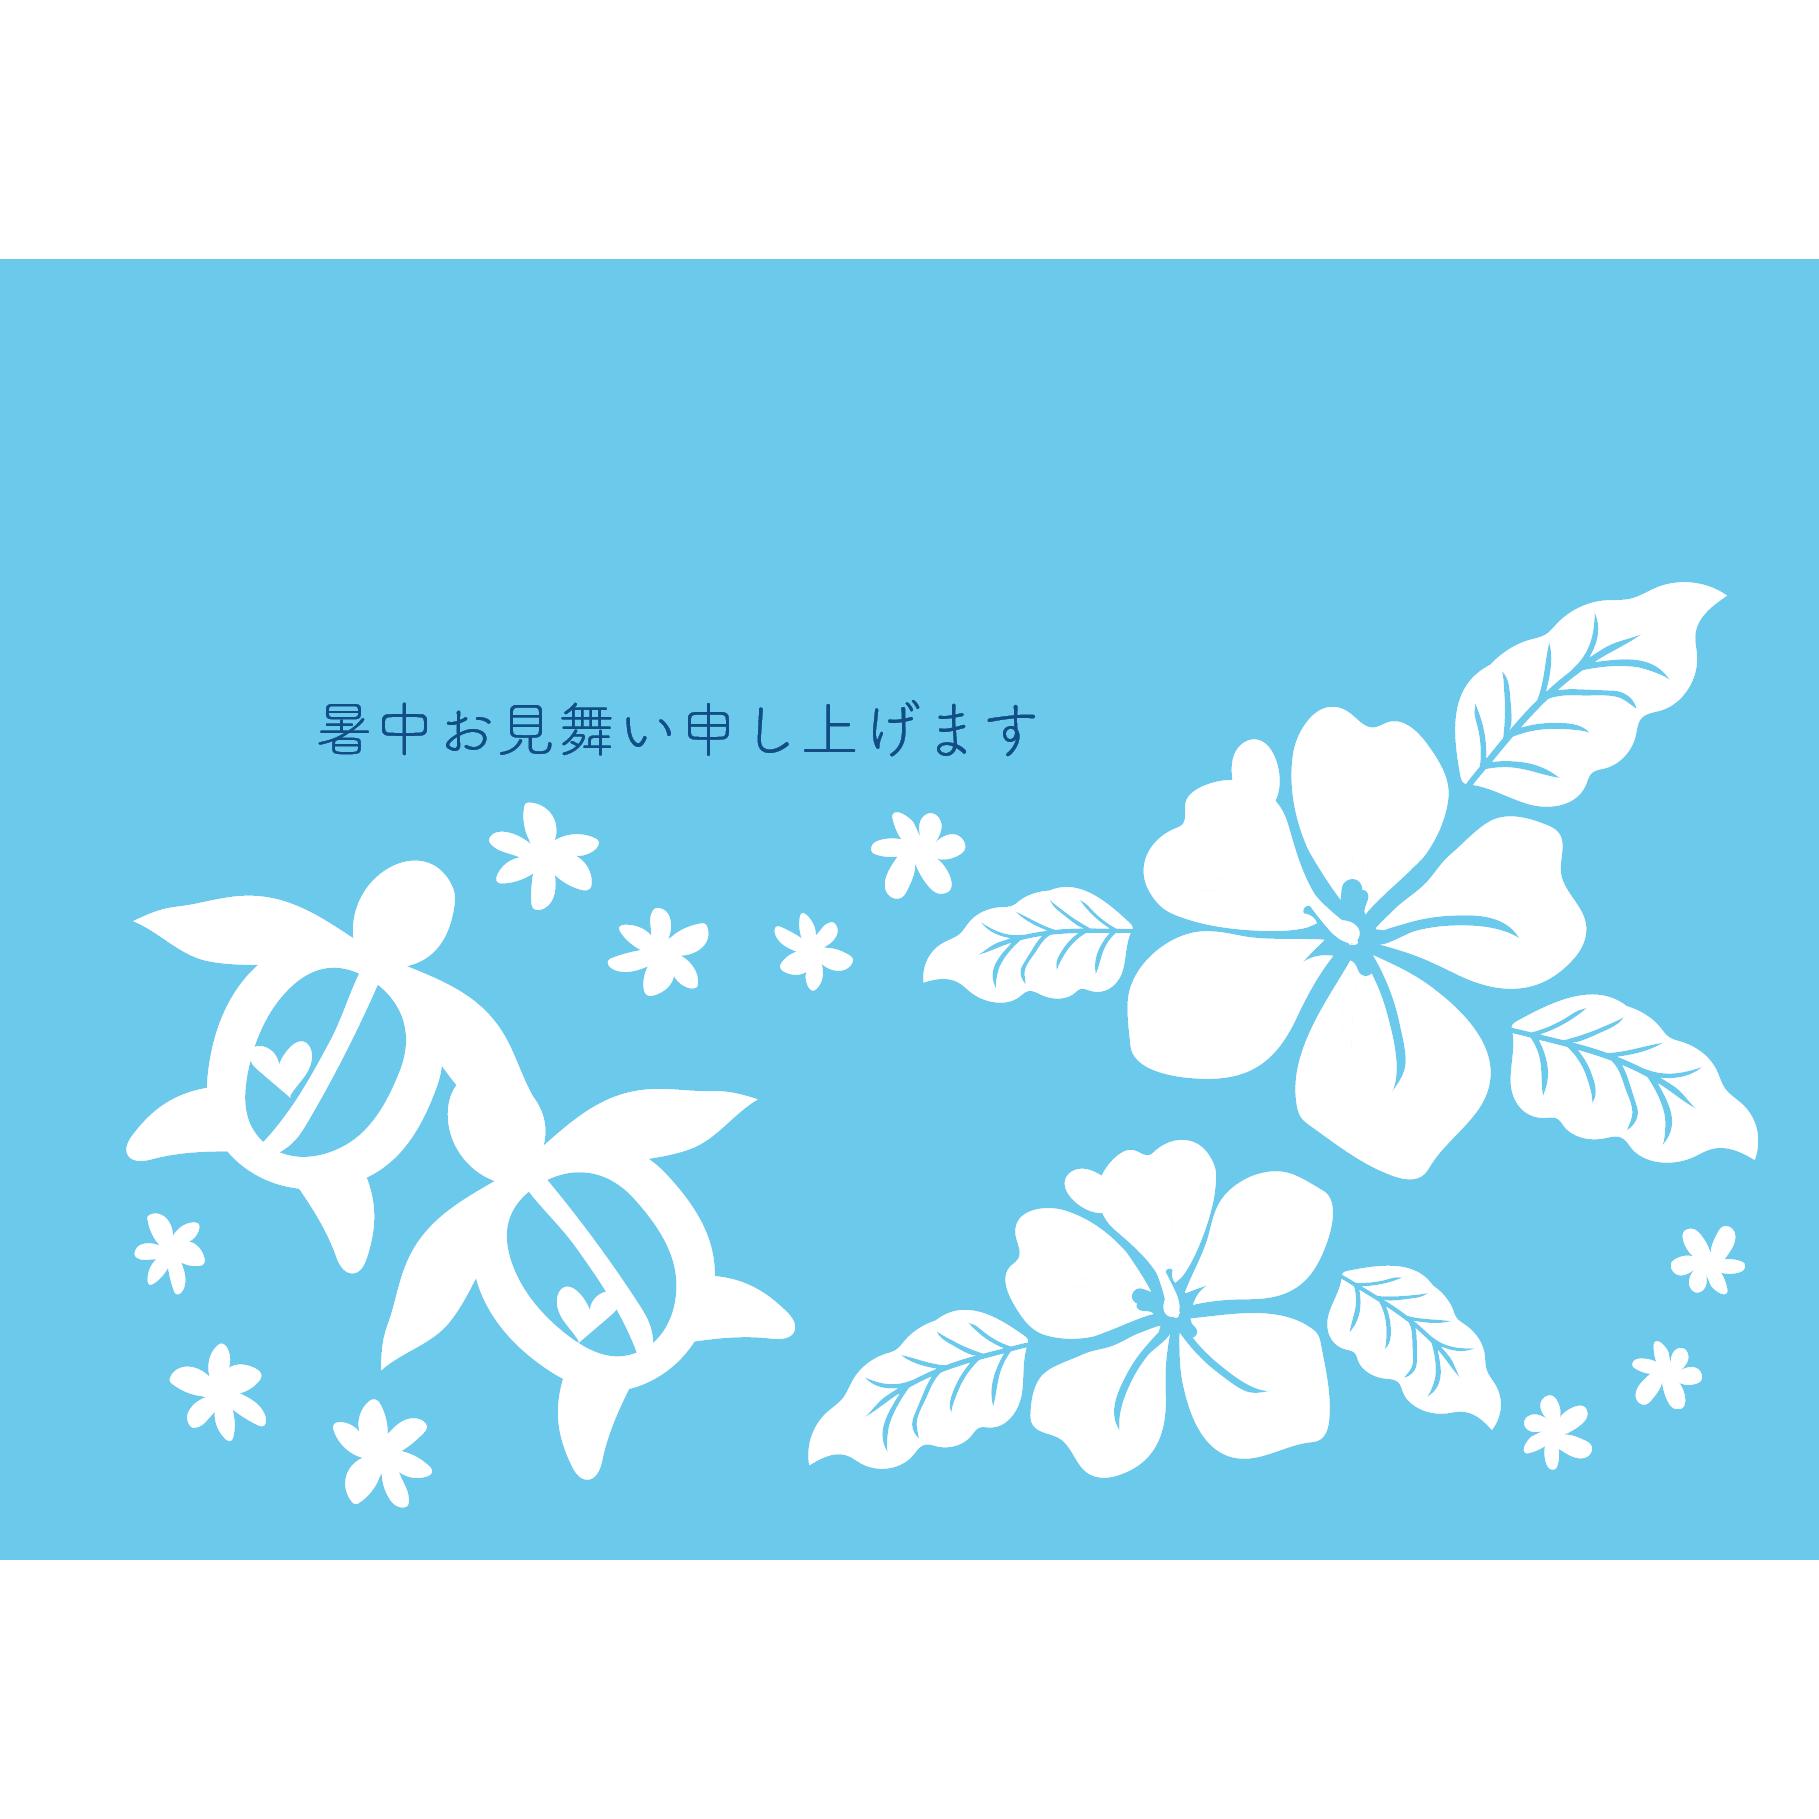 【暑中見舞い・横】ホヌとハイビスカスのグリーティング  イラスト